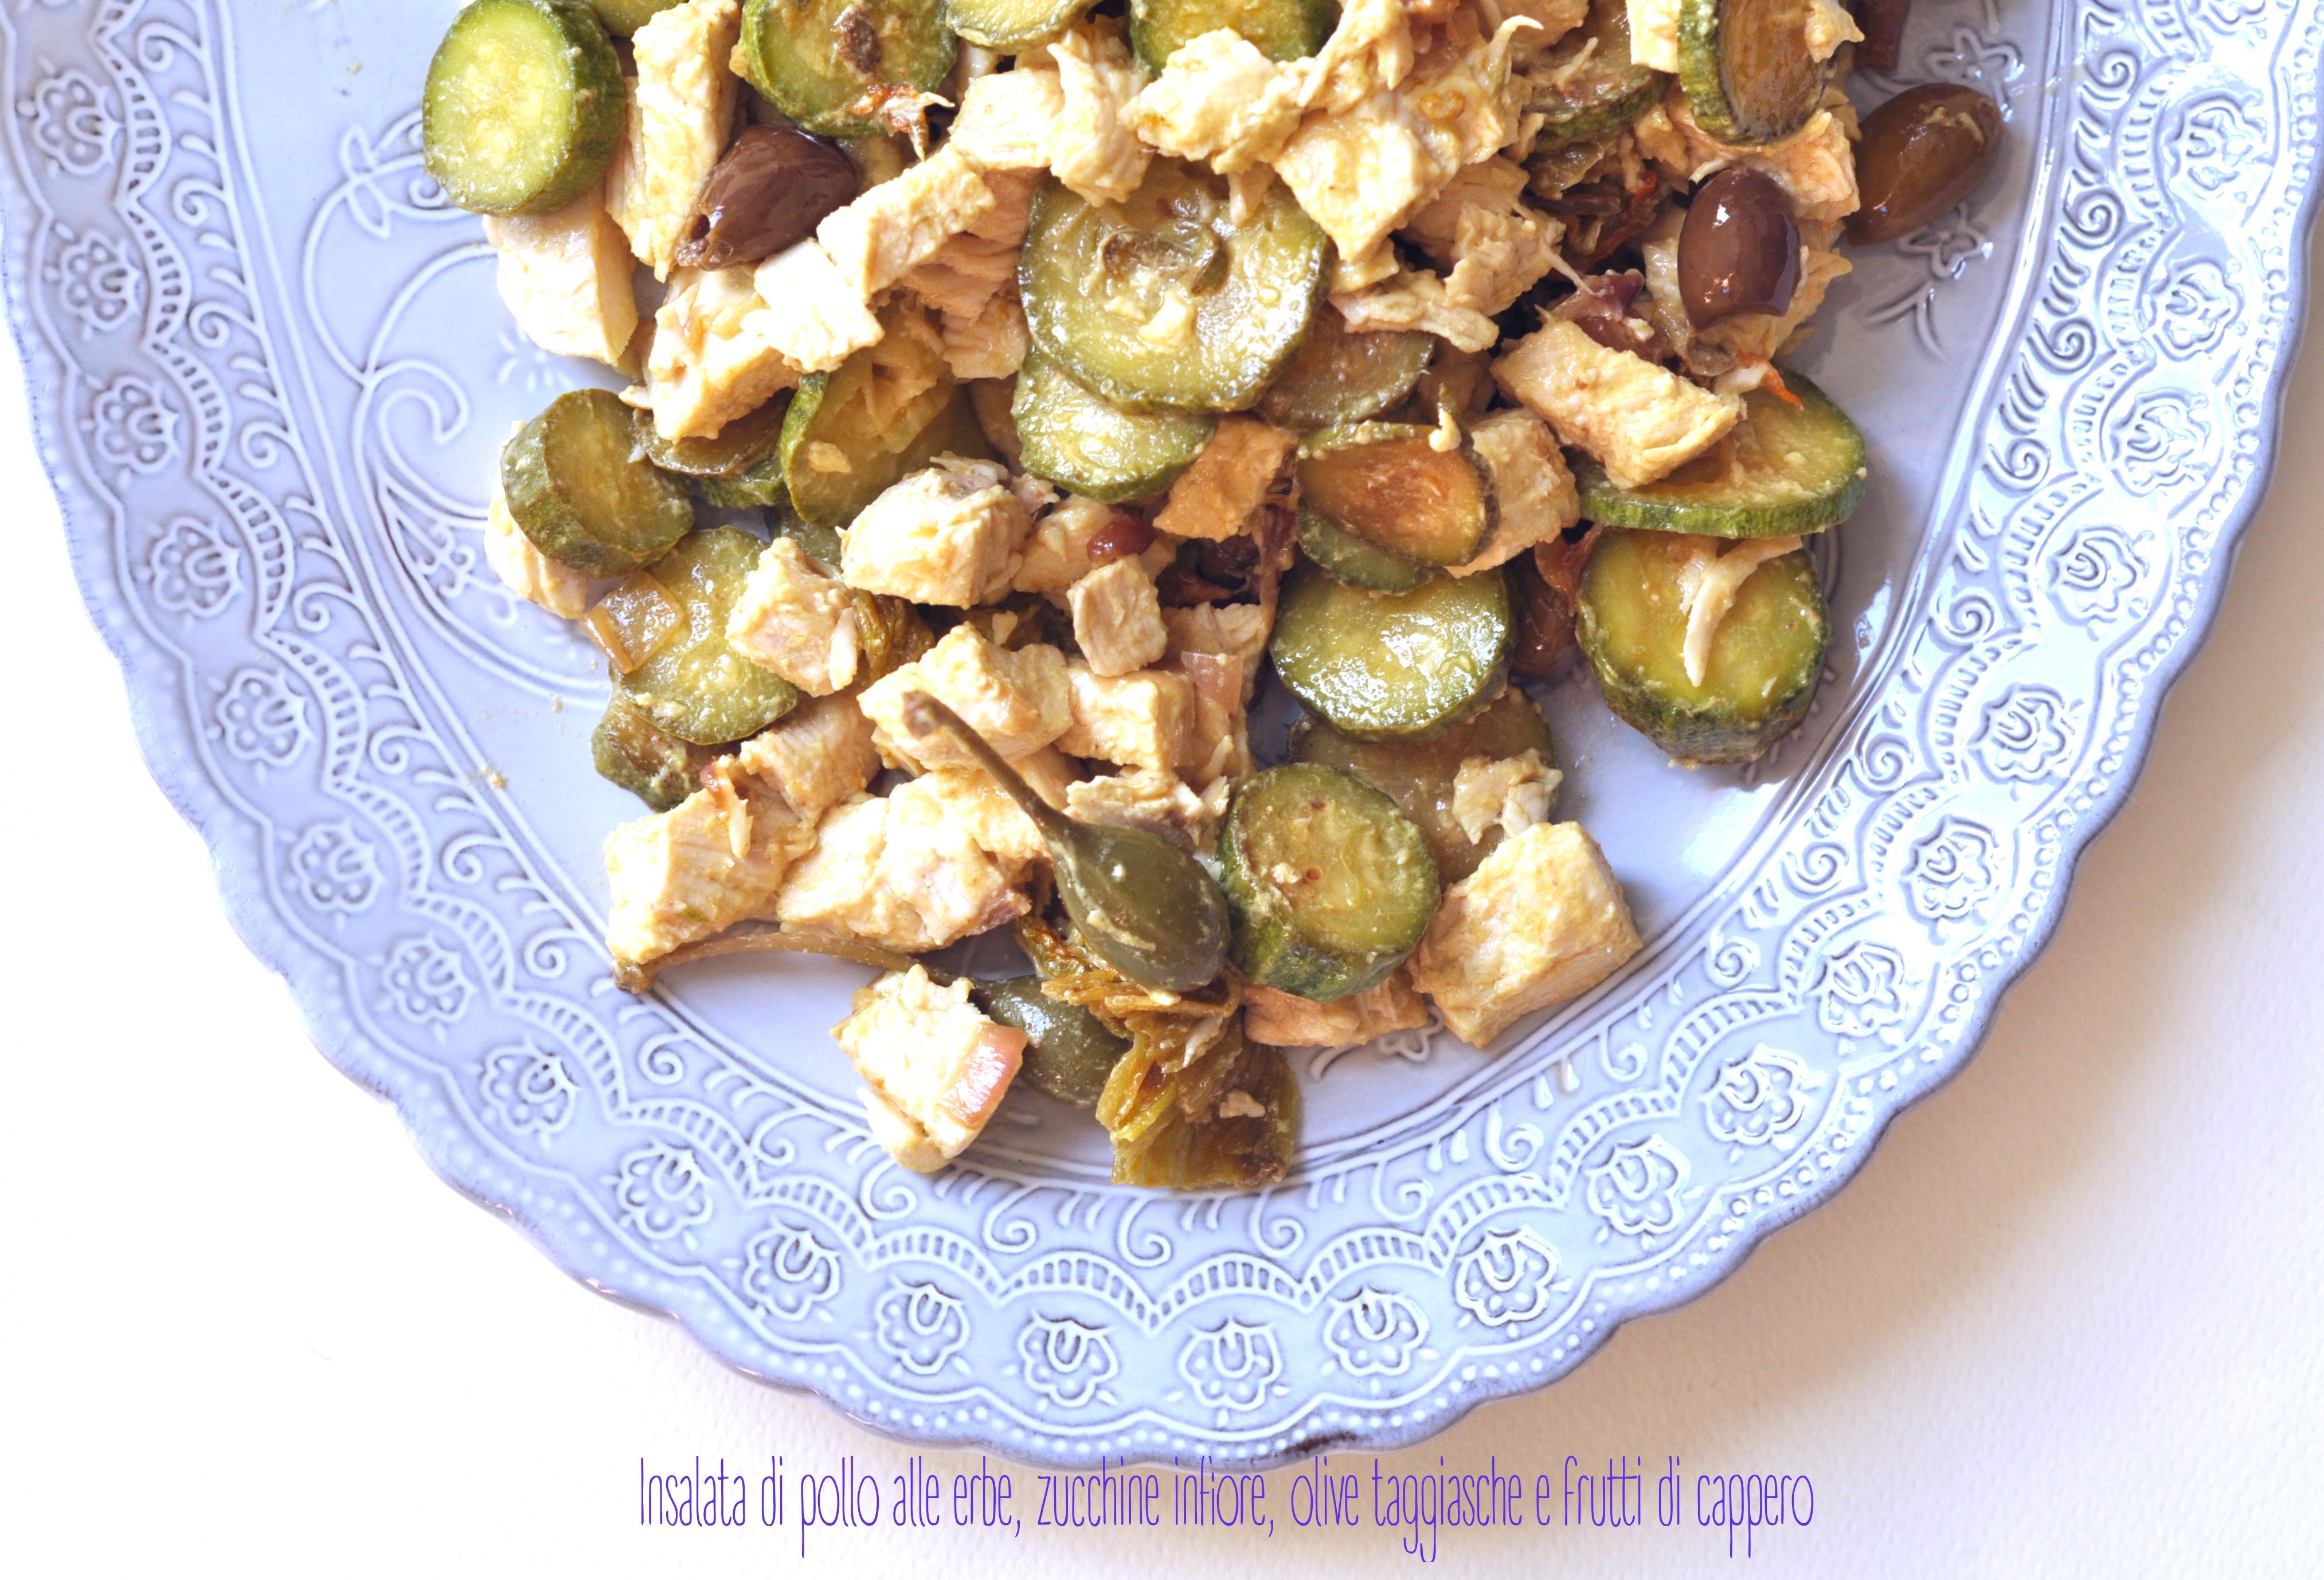 Insalata di pollo alle erbe, zucchine infiore, olive taggiasche e frutti di cappero2